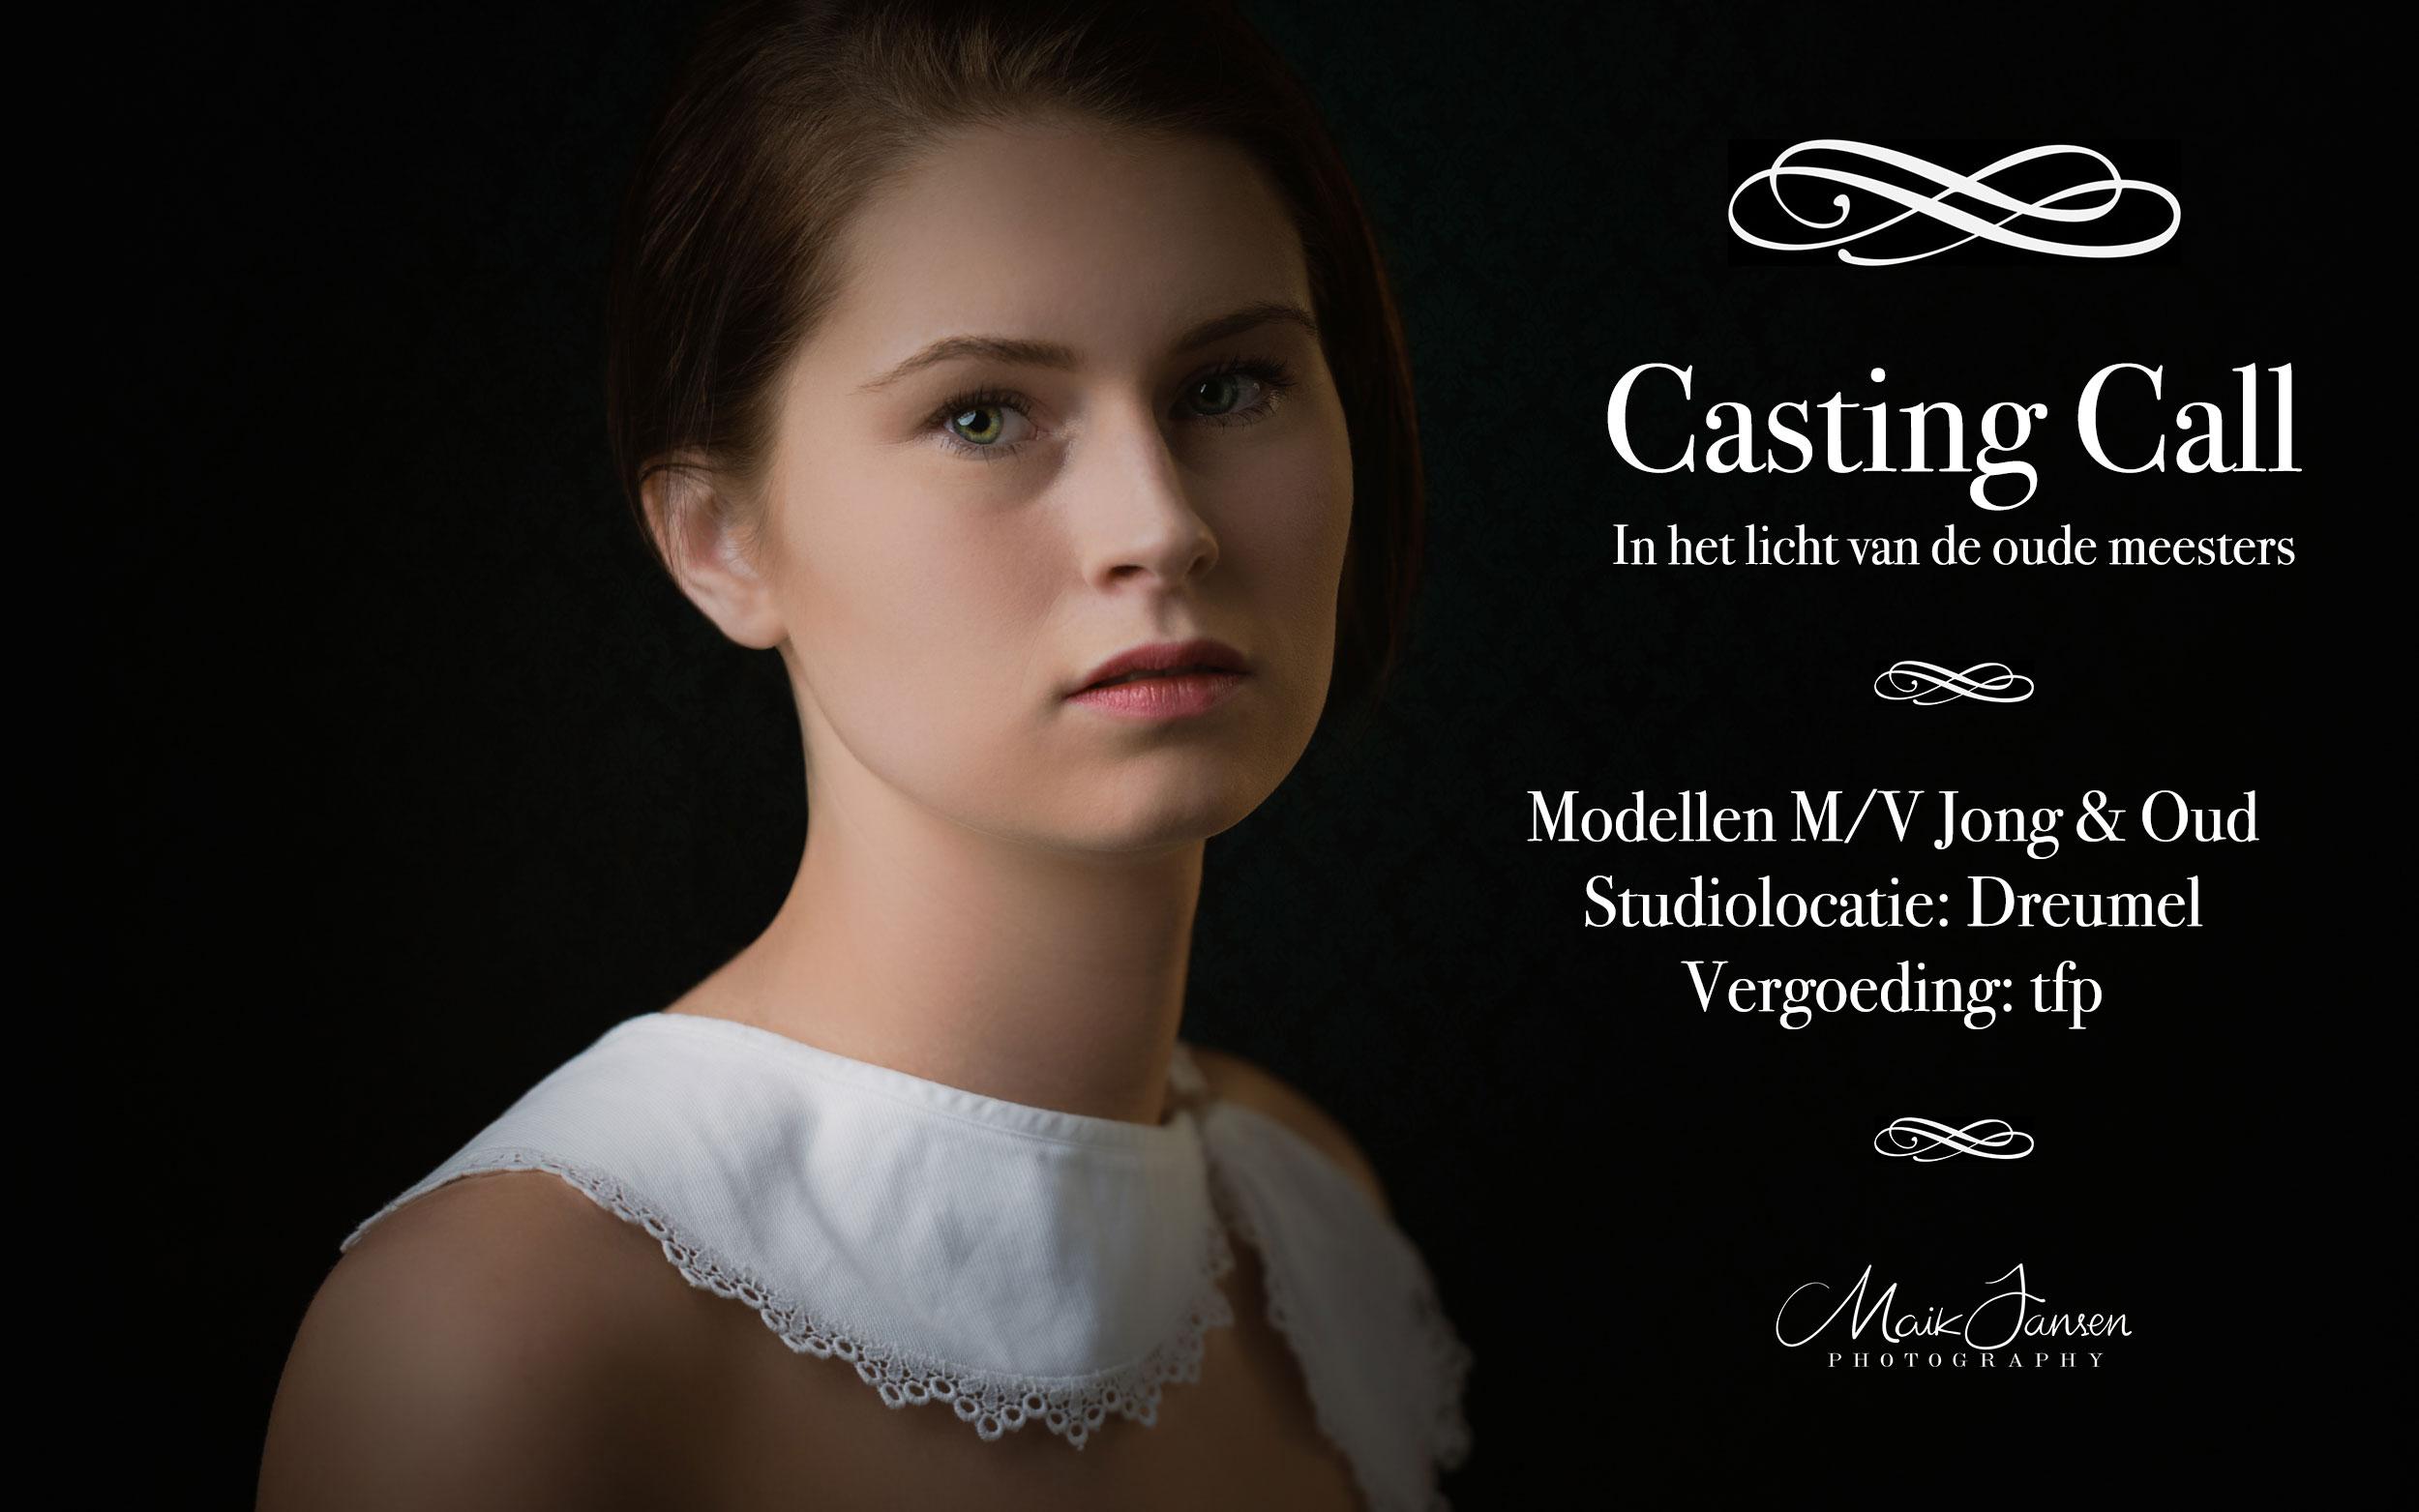 Slagen voor model casting